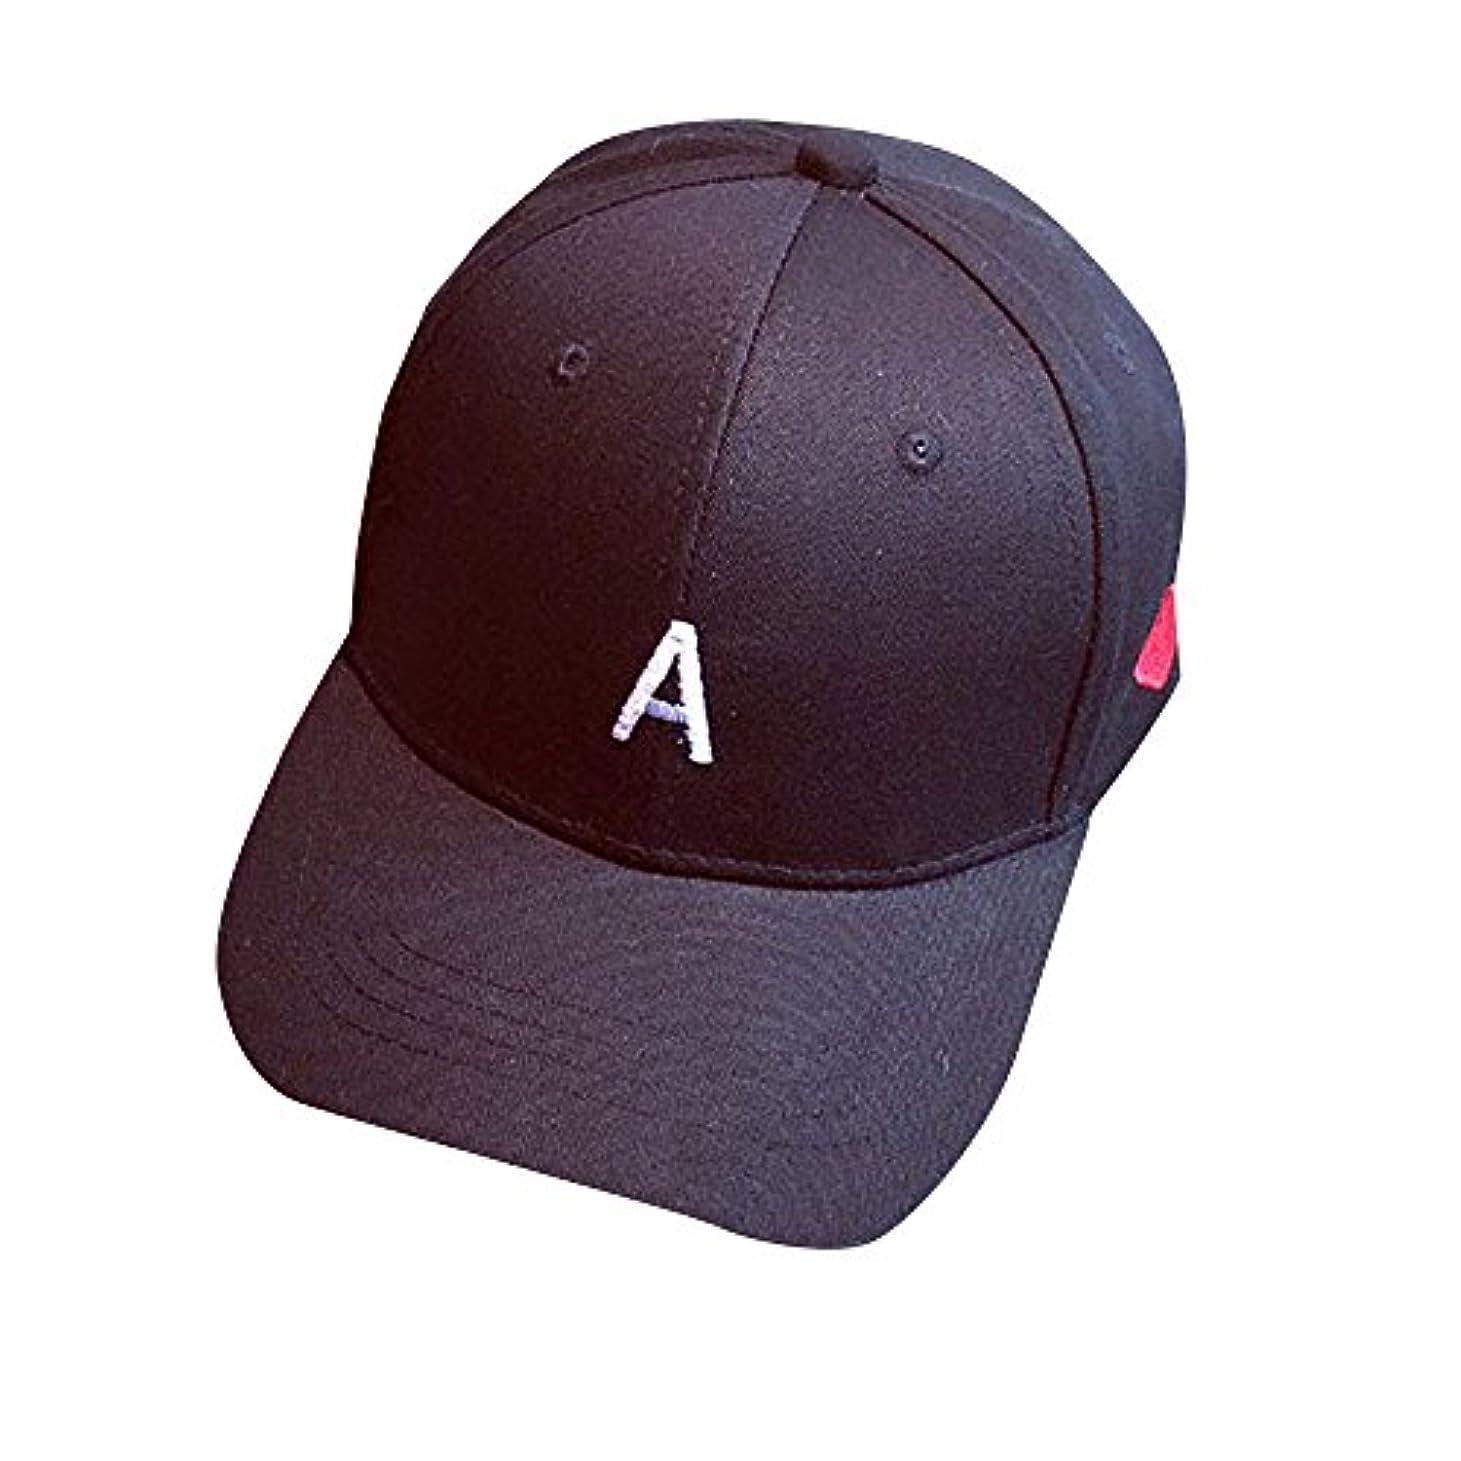 報復批判的ダニRacazing Cap 文字刺繍 野球帽 無地 キャップ 夏 登山 通気性のある 帽子 ベルクロ 可調整可能 ヒップホップ 棒球帽 UV 帽子 軽量 屋外 Unisex Hat (黒)